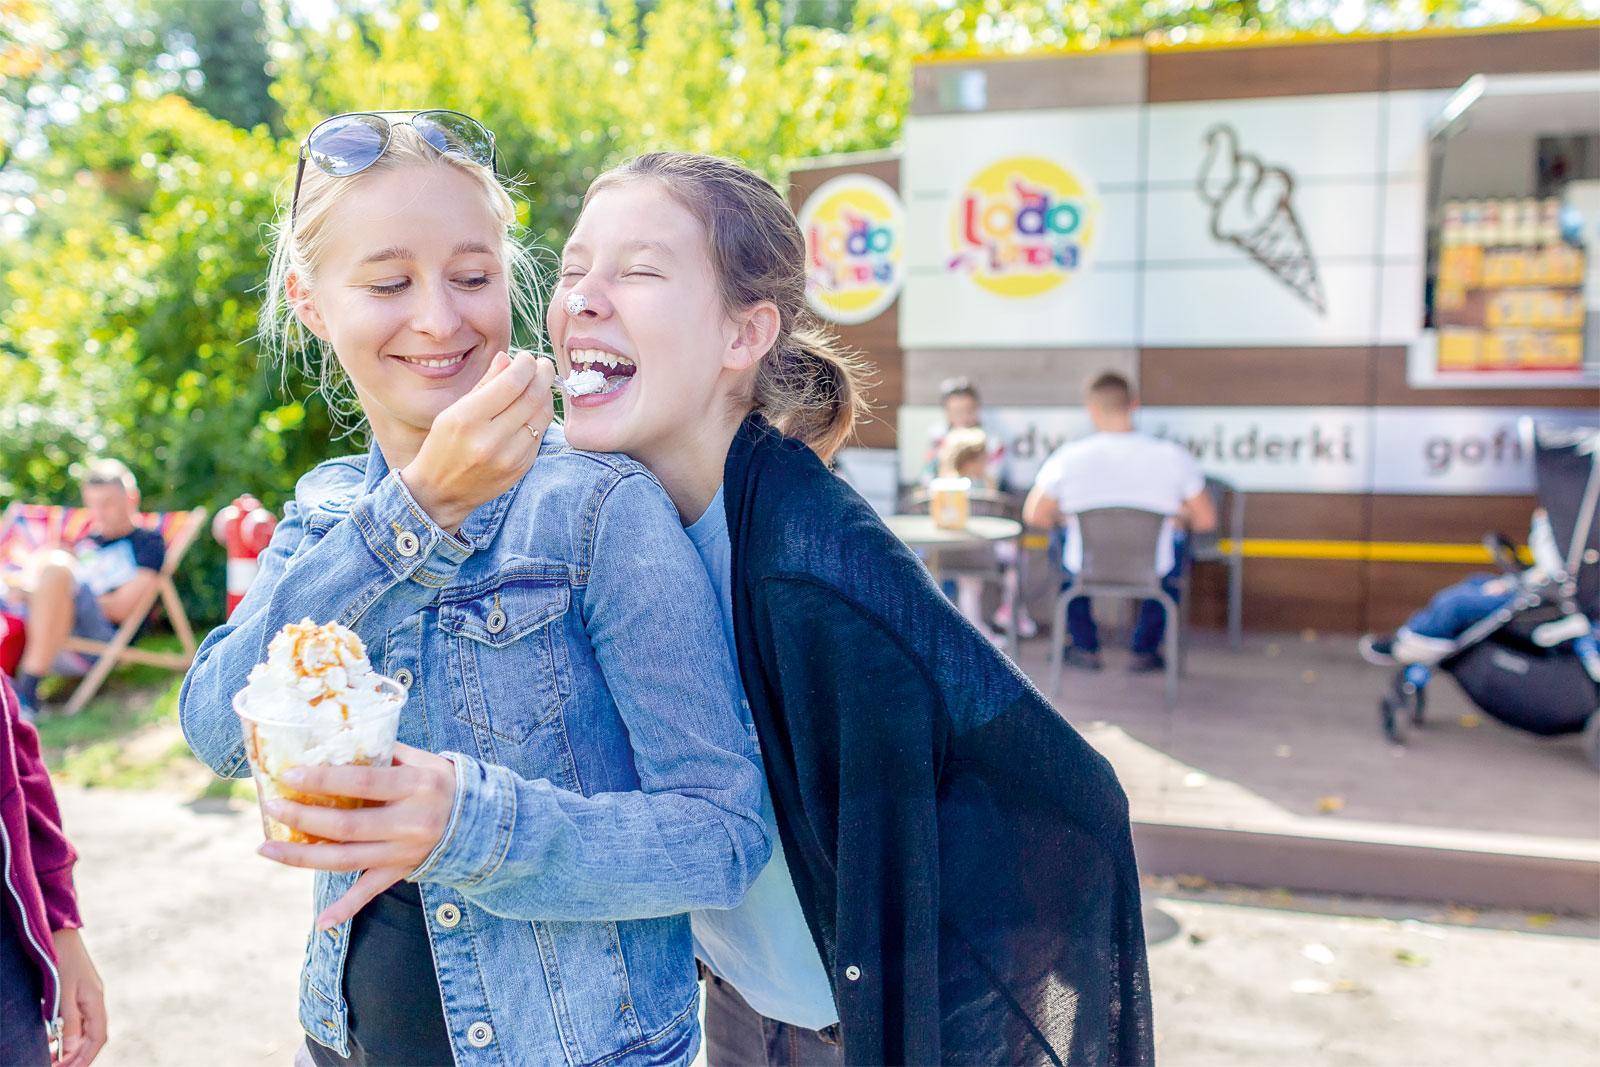 bd8b90be7c Inwestujemy w mobilną lodziarnię - Franchising.pl - franczyza ...